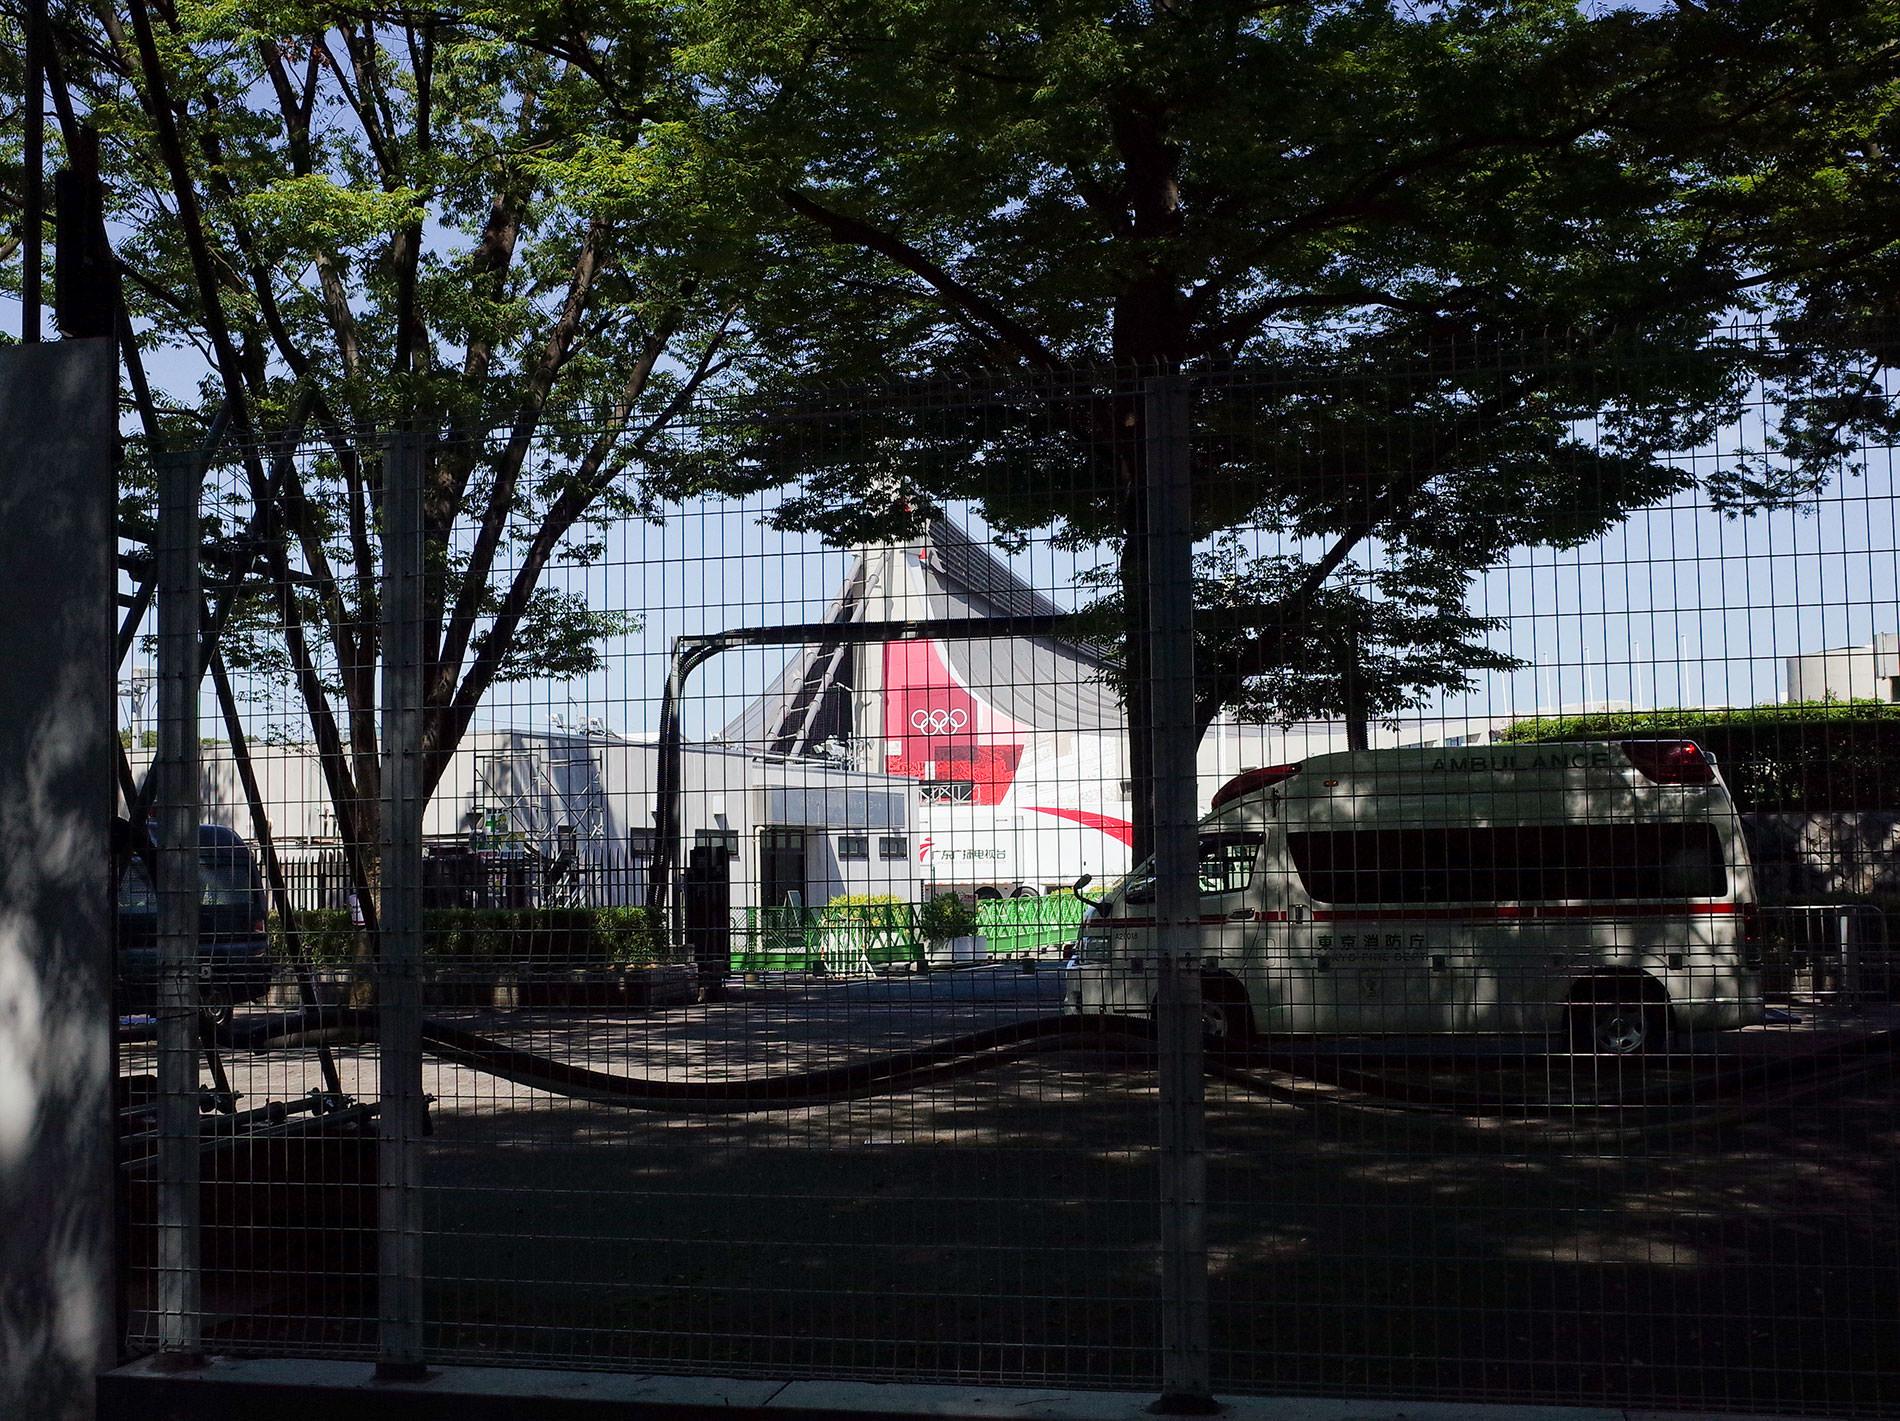 藤本壮介 Cloud pavilion(雲のパビリオン) | パビリオン・トウキョウ2021 | Cloud pavilion in Yoyogi Park | Pavilion Tokyo 2021